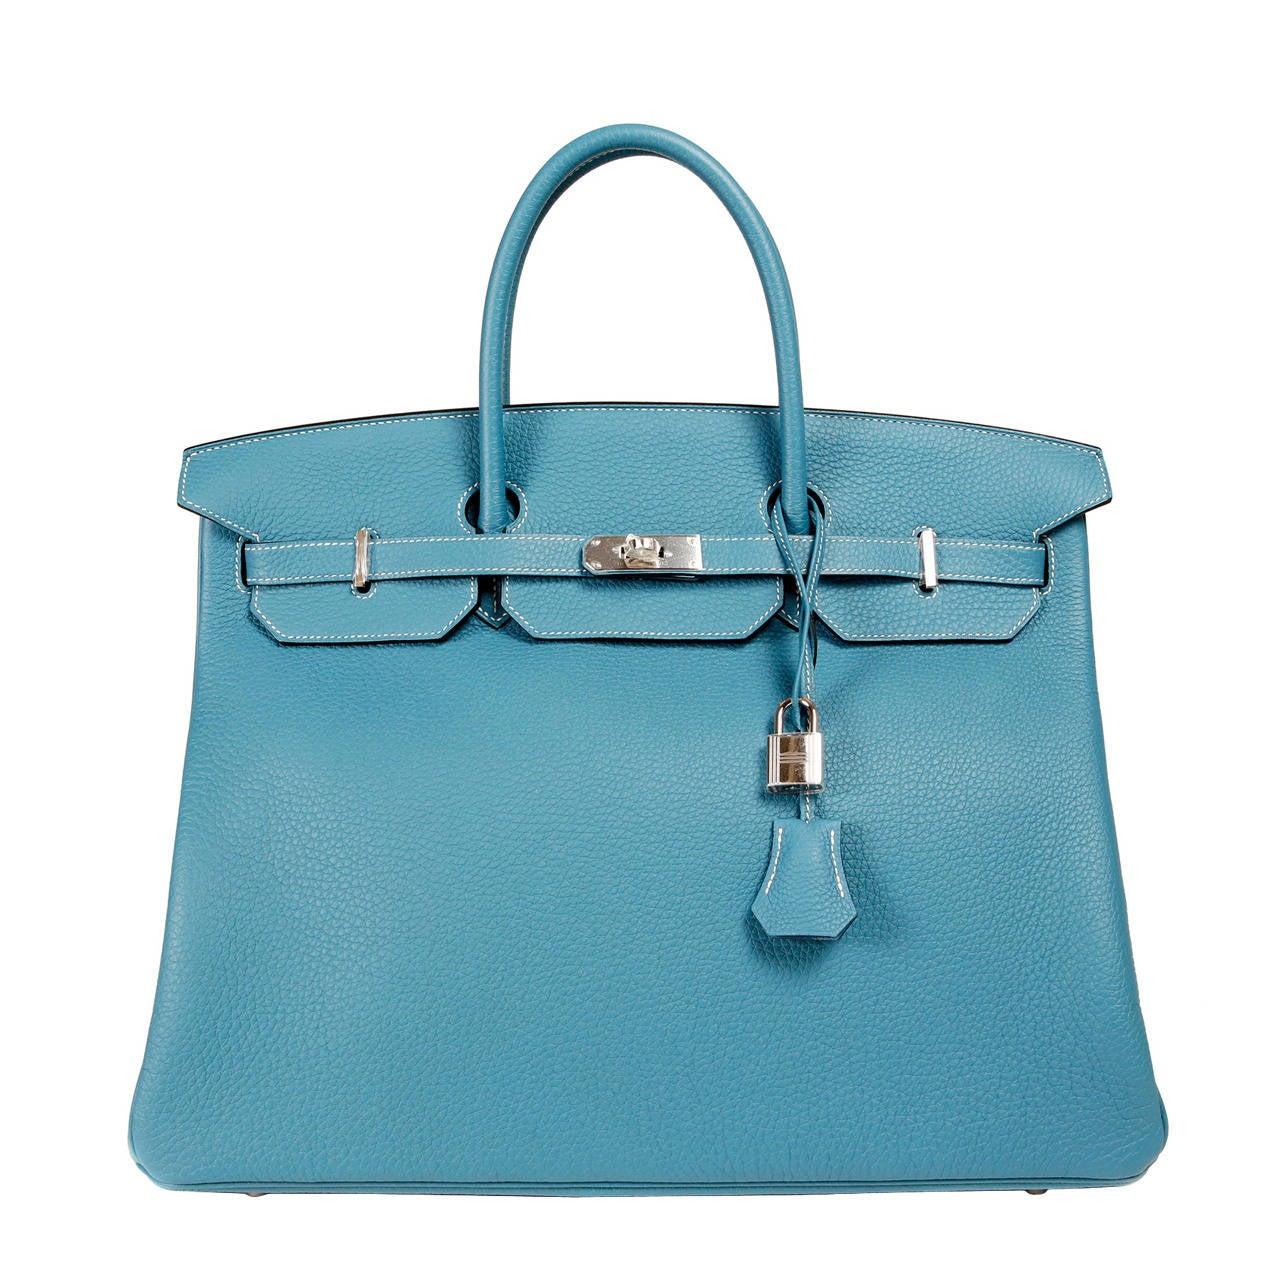 birkin tote bag - Hermes Blue Jean Birkin Bag- 40 cm Togo Leather PHW For Sale at ...